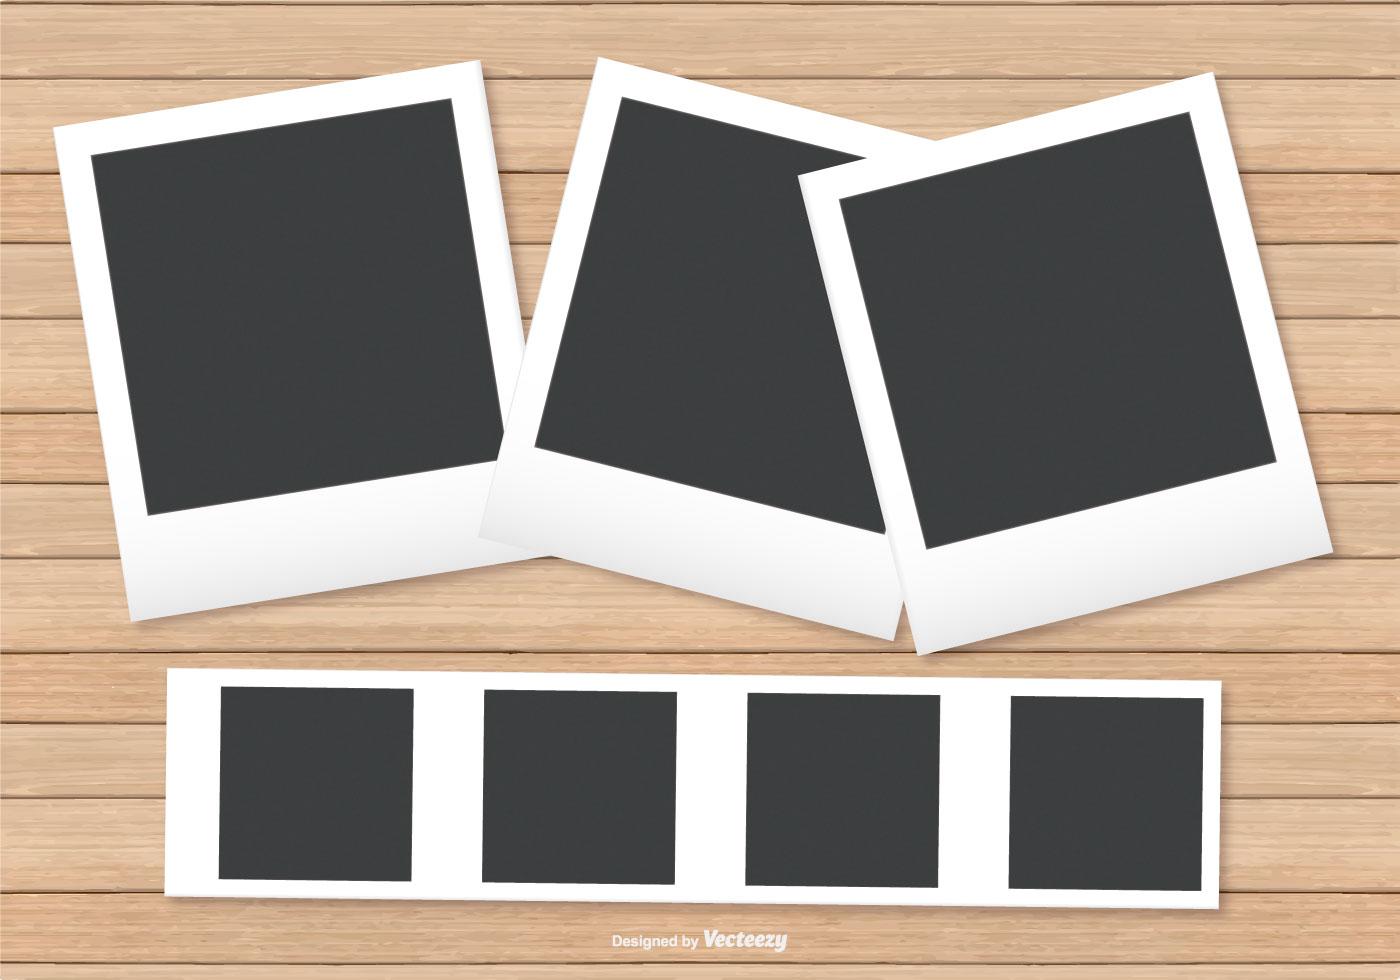 Polaroid Rahmen auf Holz Hintergrund - Kostenlose Vektor-Kunst ...